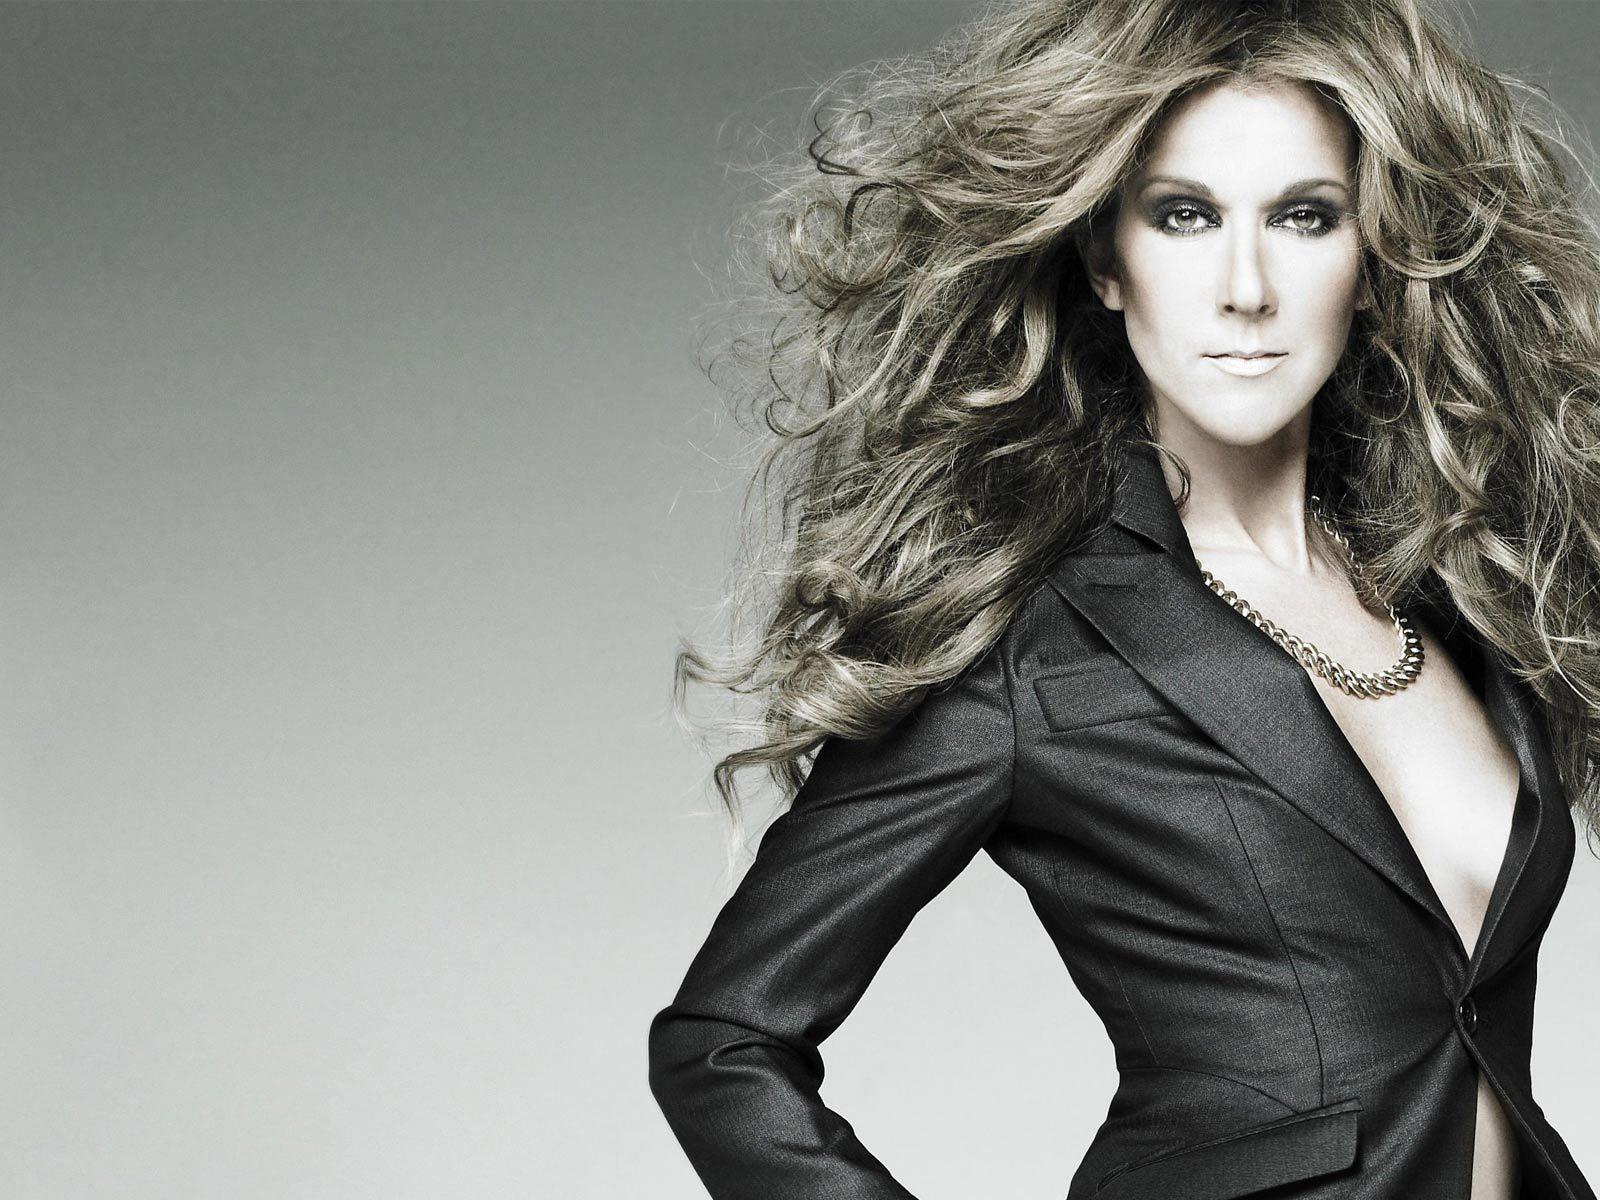 Free Celine Dion Hd Wallpaper For Dekstop Jpg 1600 1200 Celine Dion Celine Dion Greatest Hits Celebrities